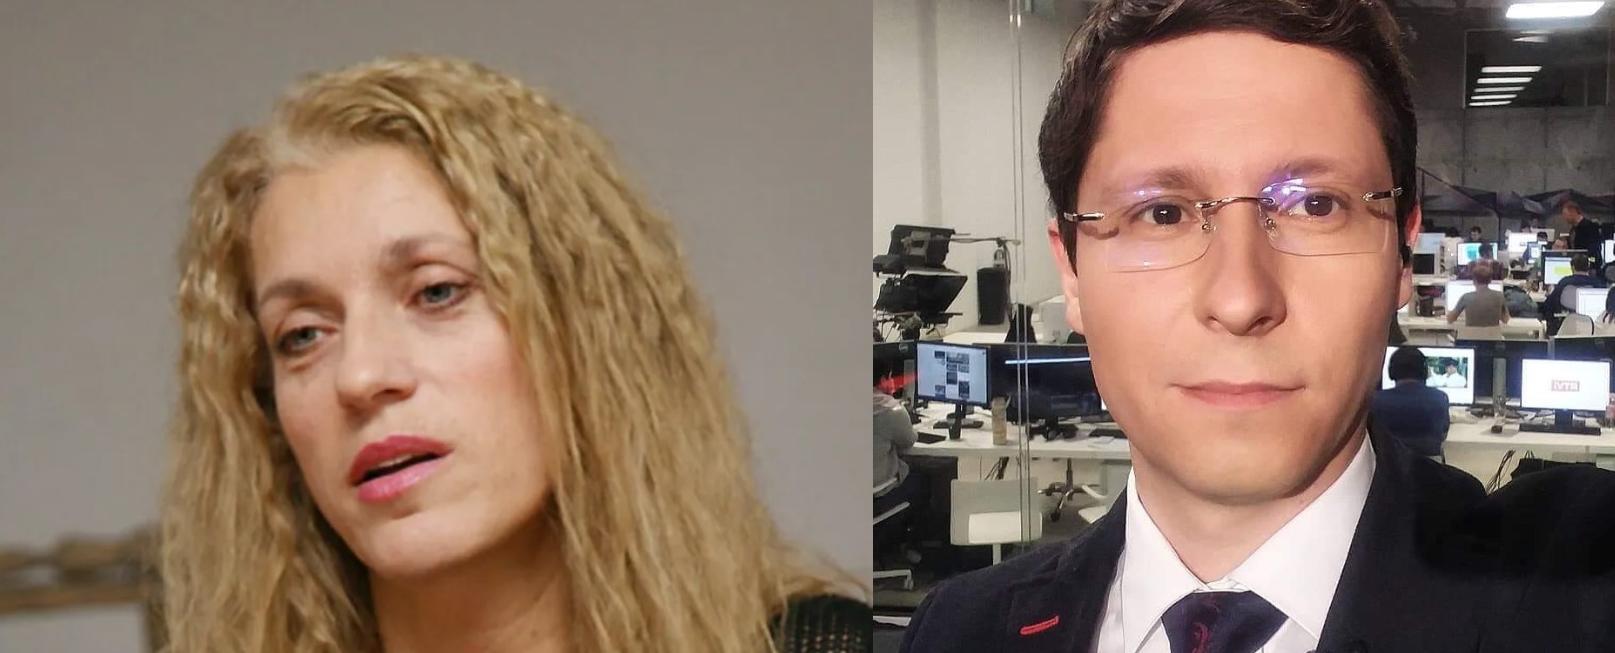 Петербургские журналисты Перл и Вольтская стали иноагентами